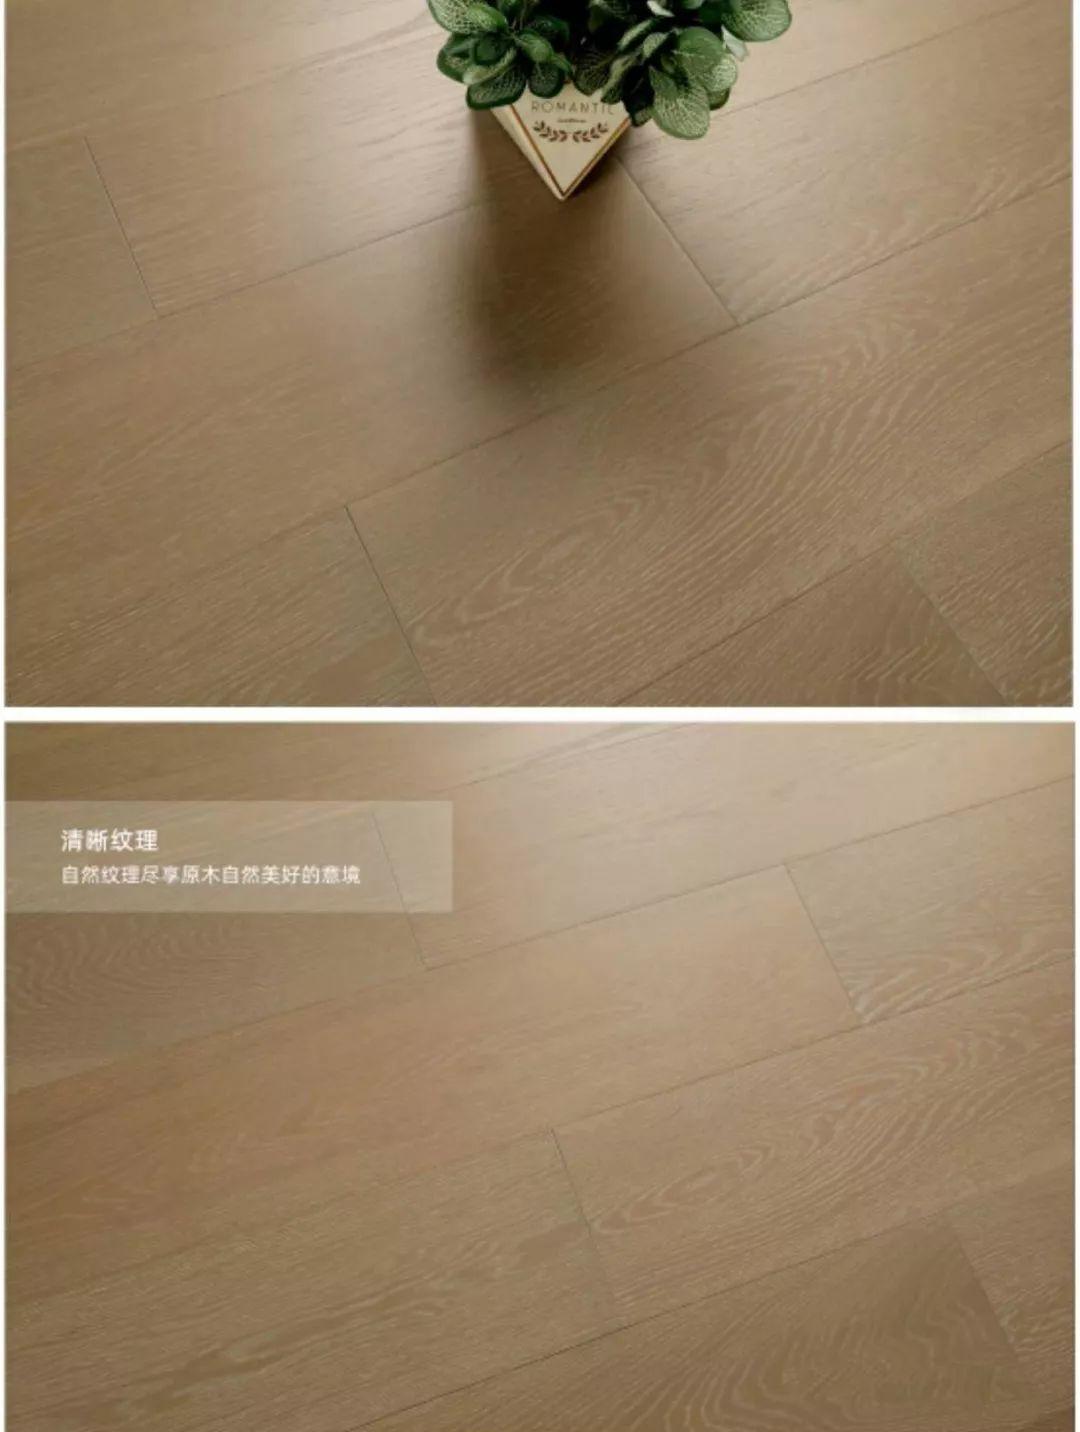 汉邦地板产品-橡木地板系列ZY006